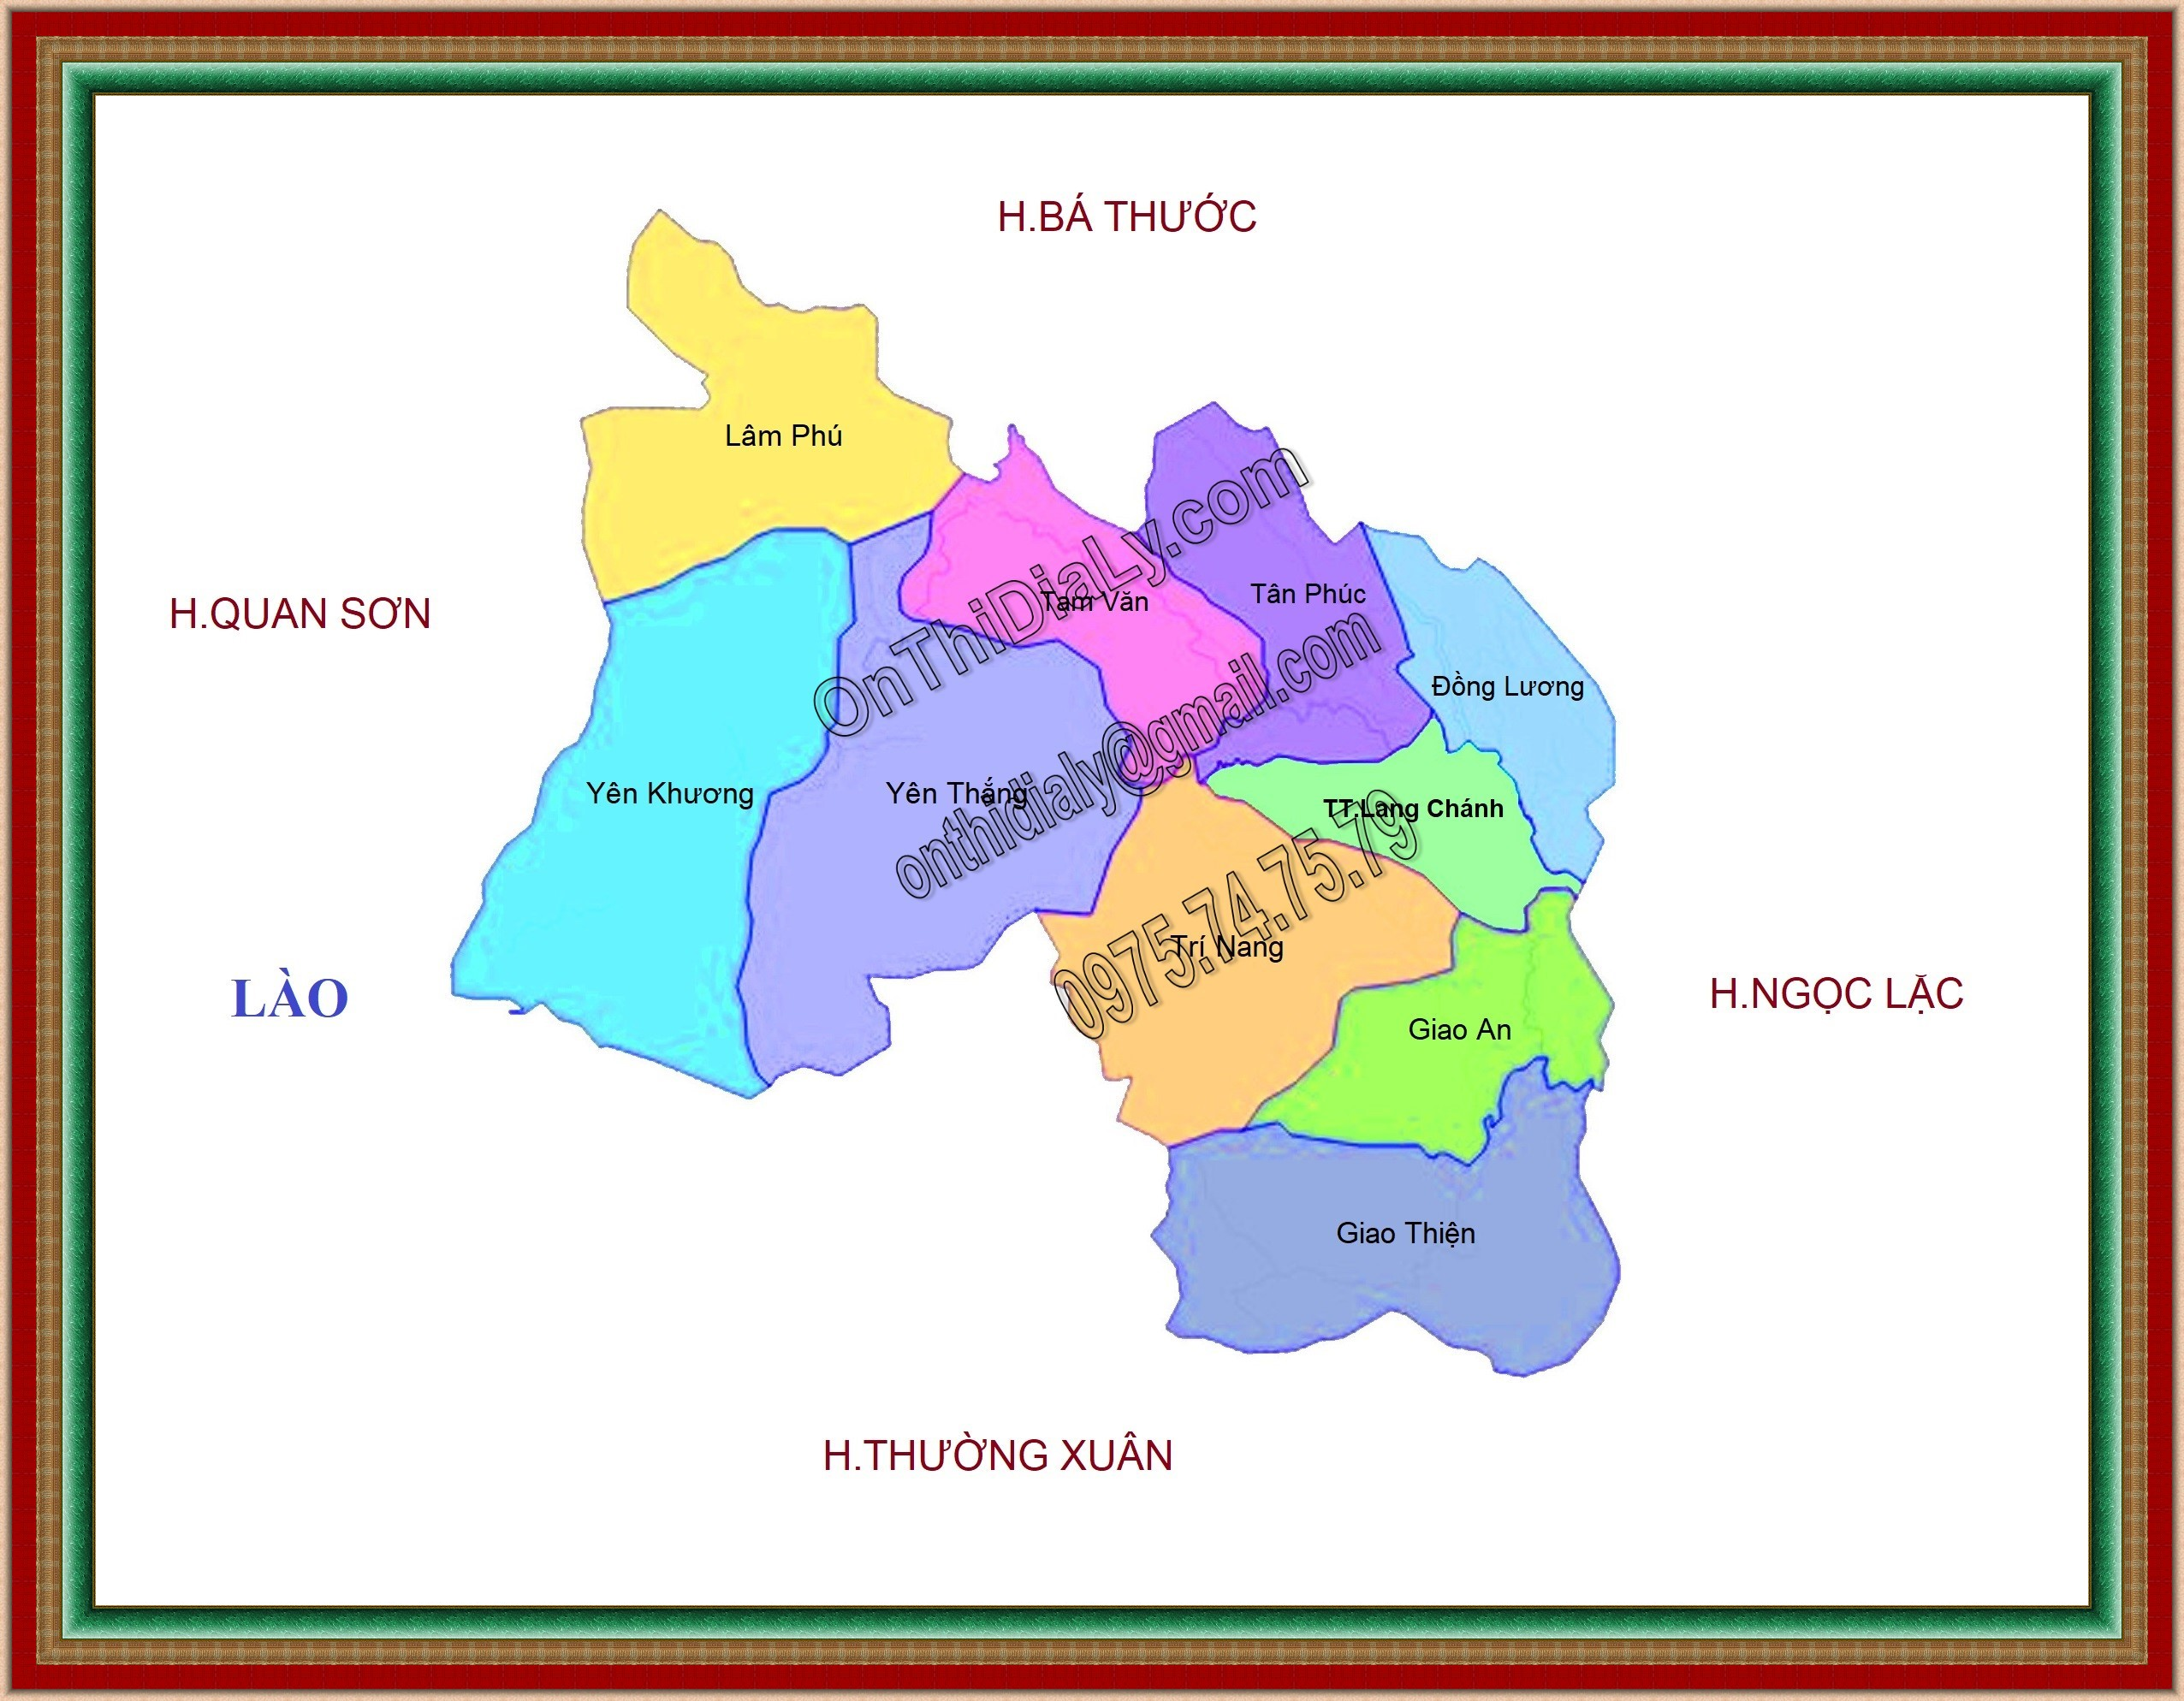 Bản đồ huyện Lang Chánh, tỉnh Thanh Hóa